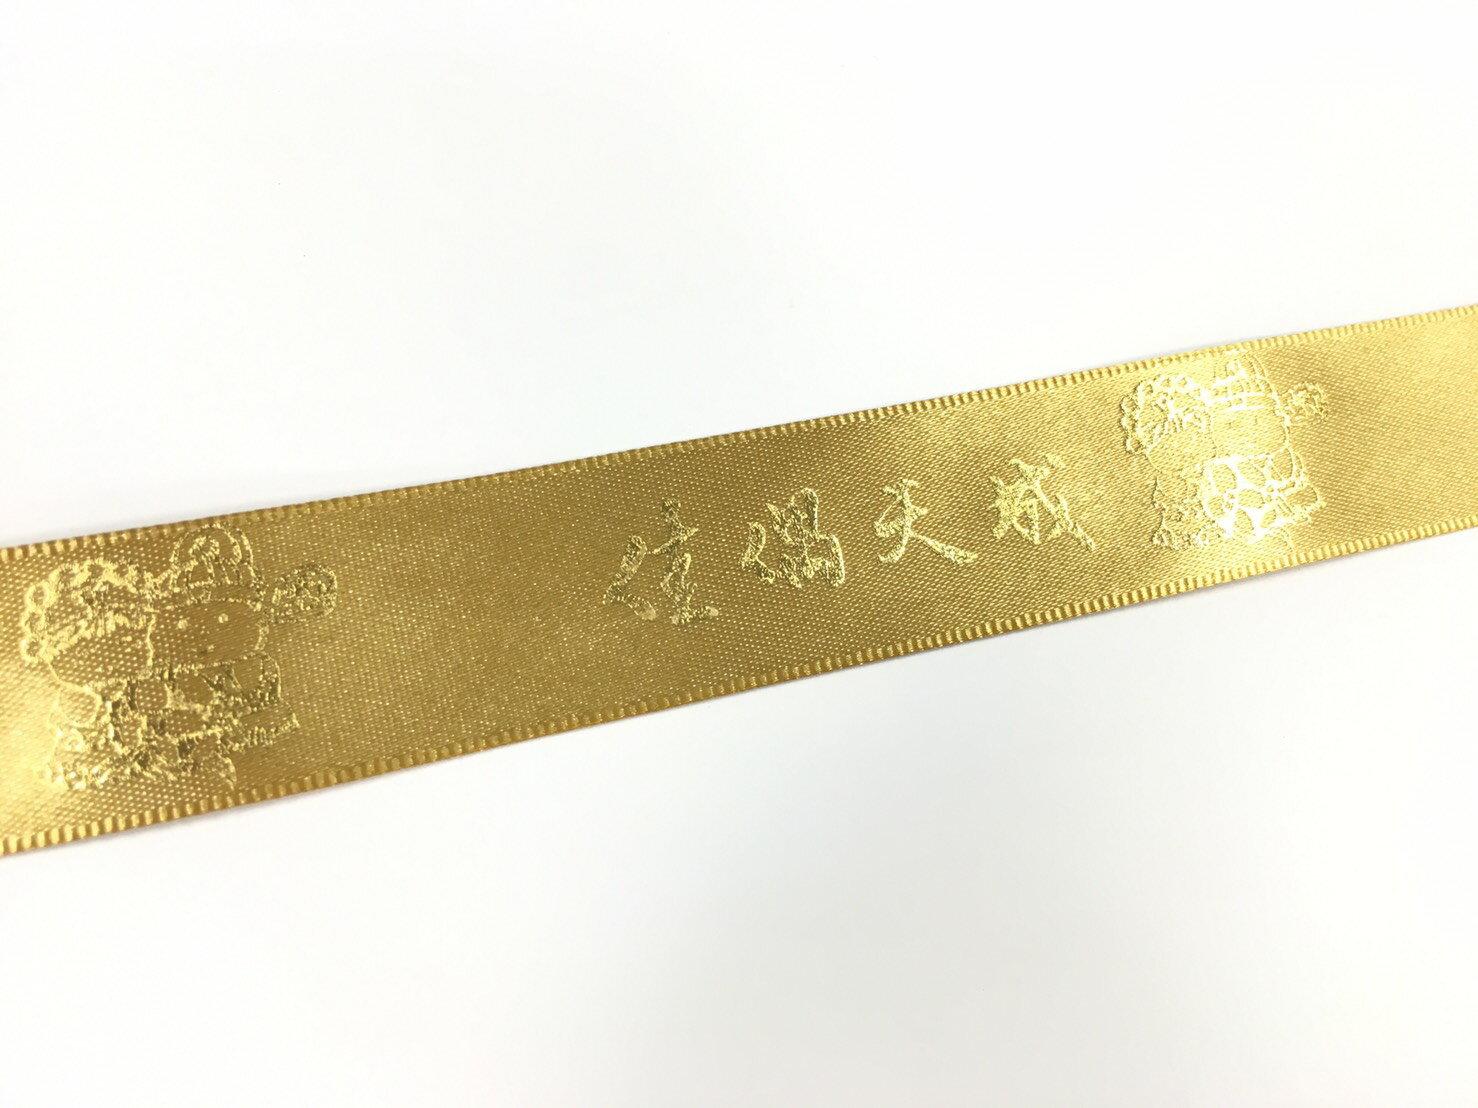 雙緞面婚禮緞帶-燙金佳偶天成 22mm 3碼裝(6色) 4